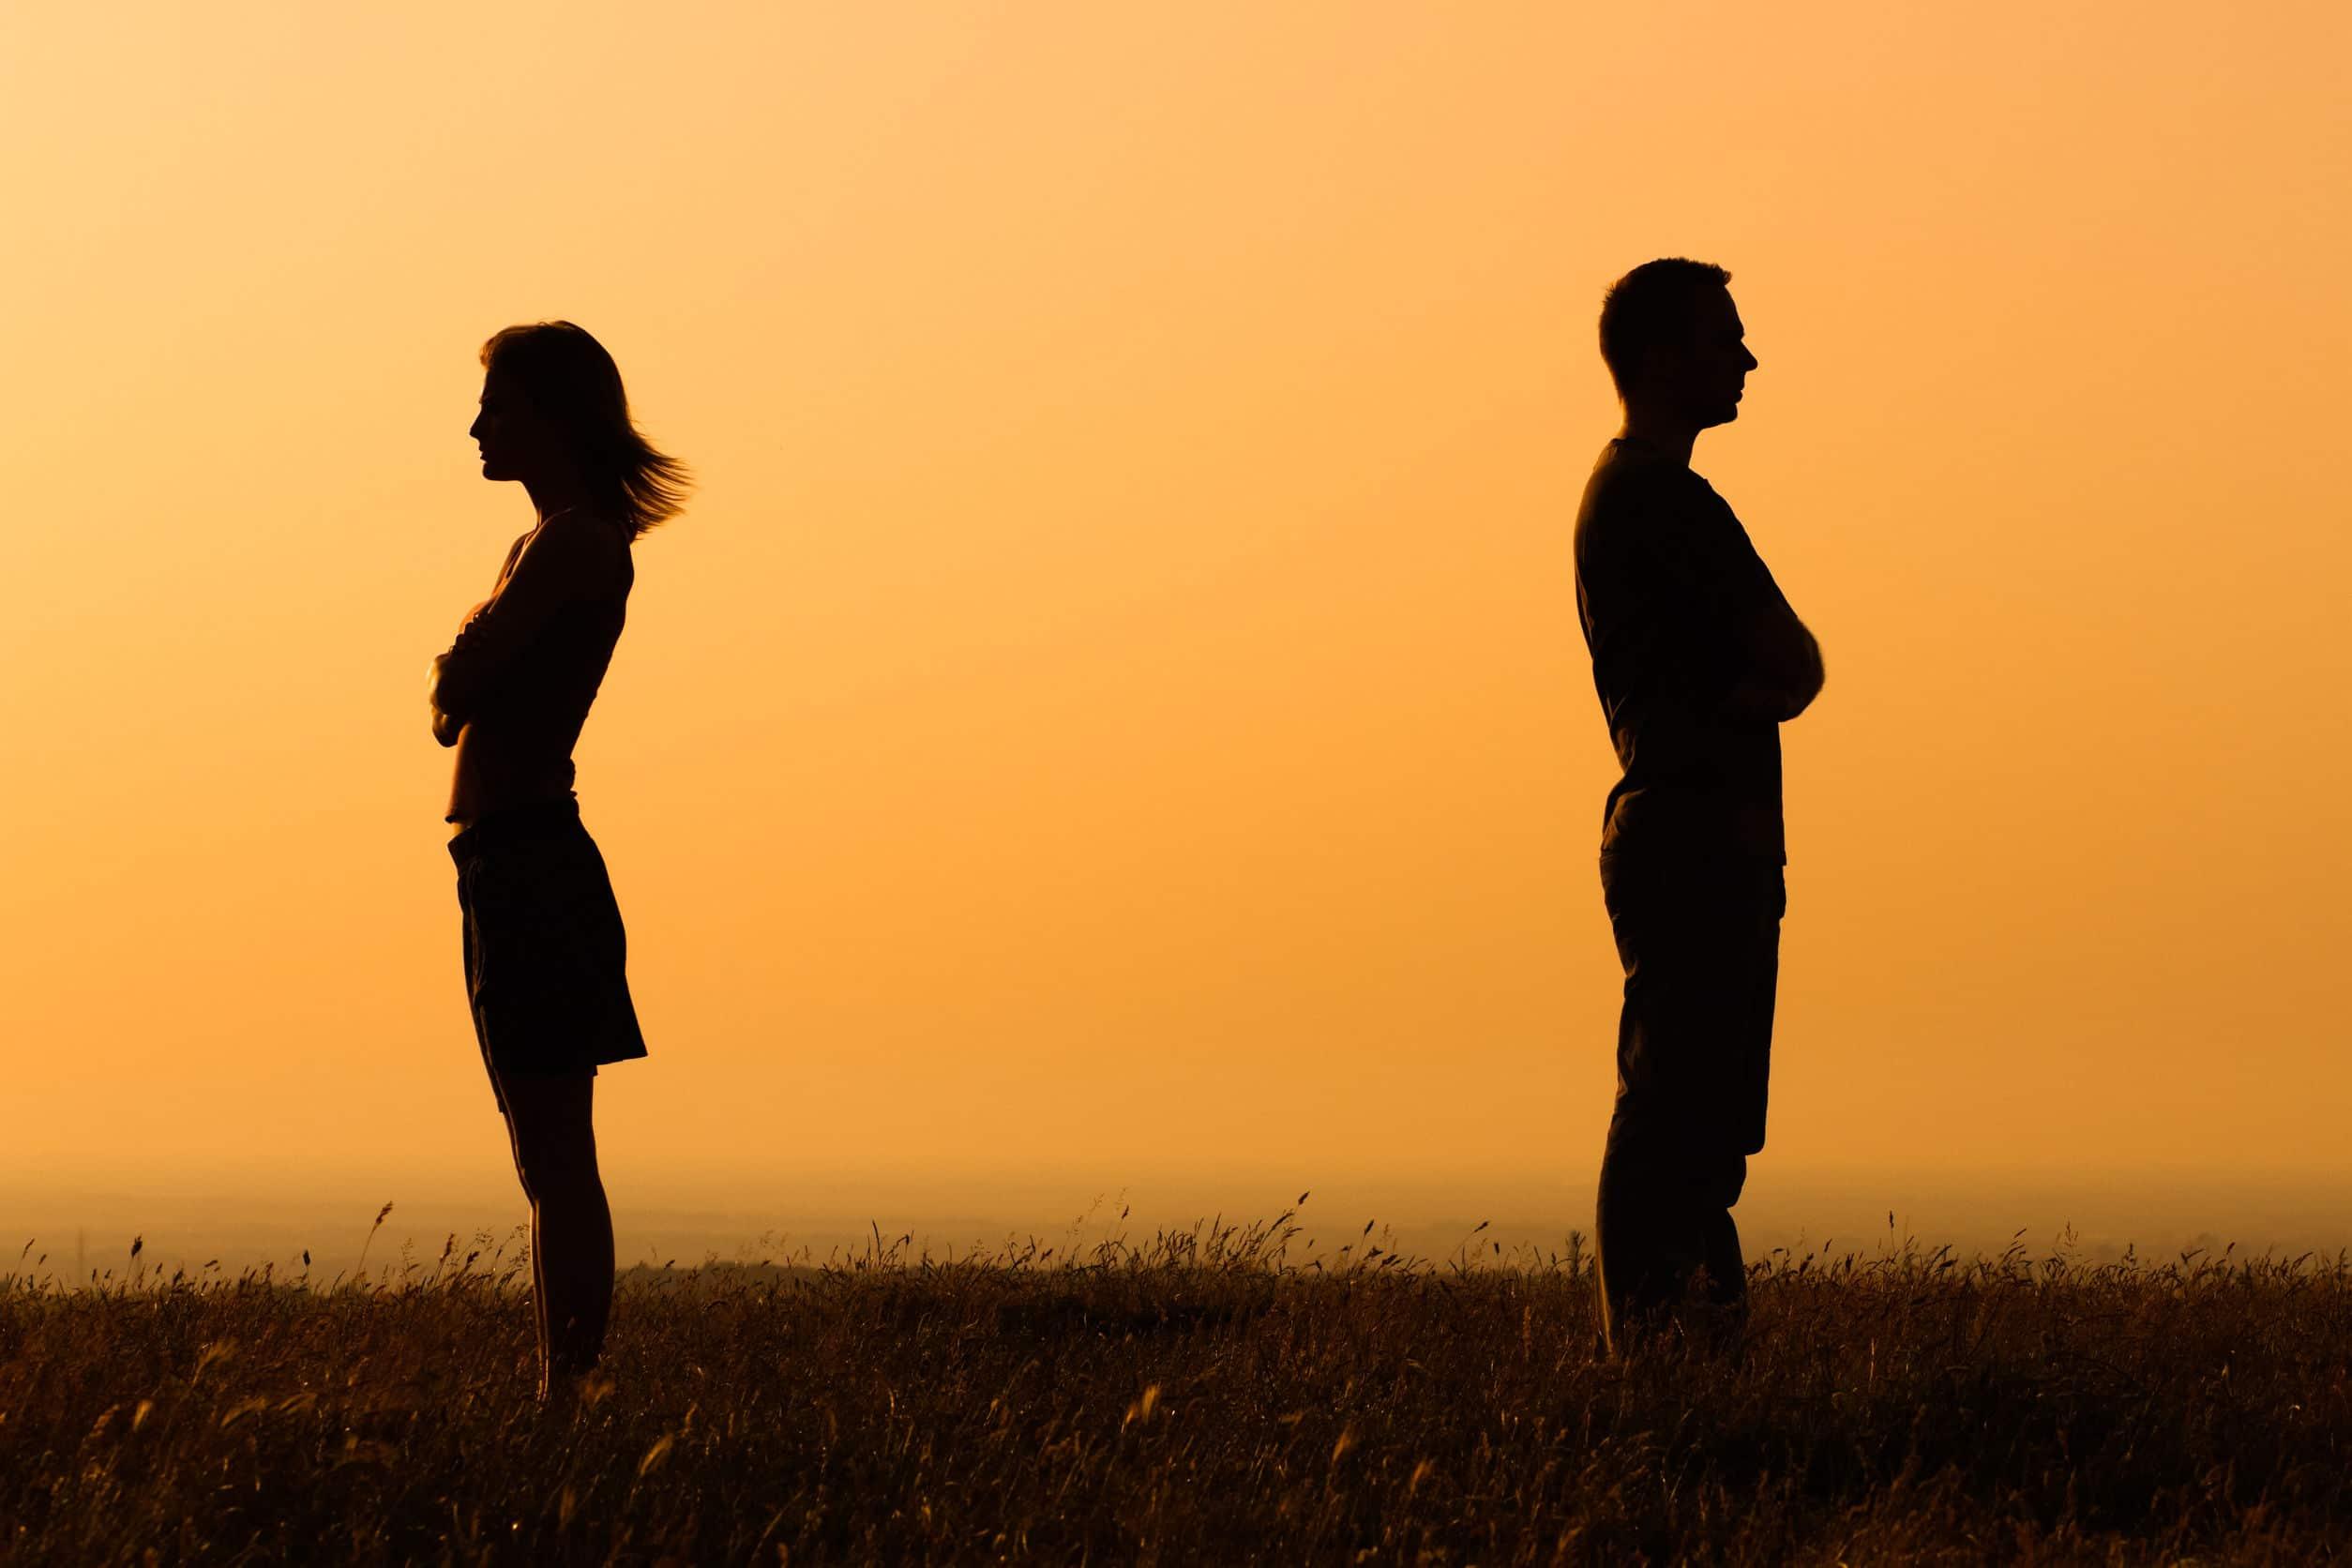 Silhueta de homem e mulher, ambos em pé em um campo, um de costas para o outro